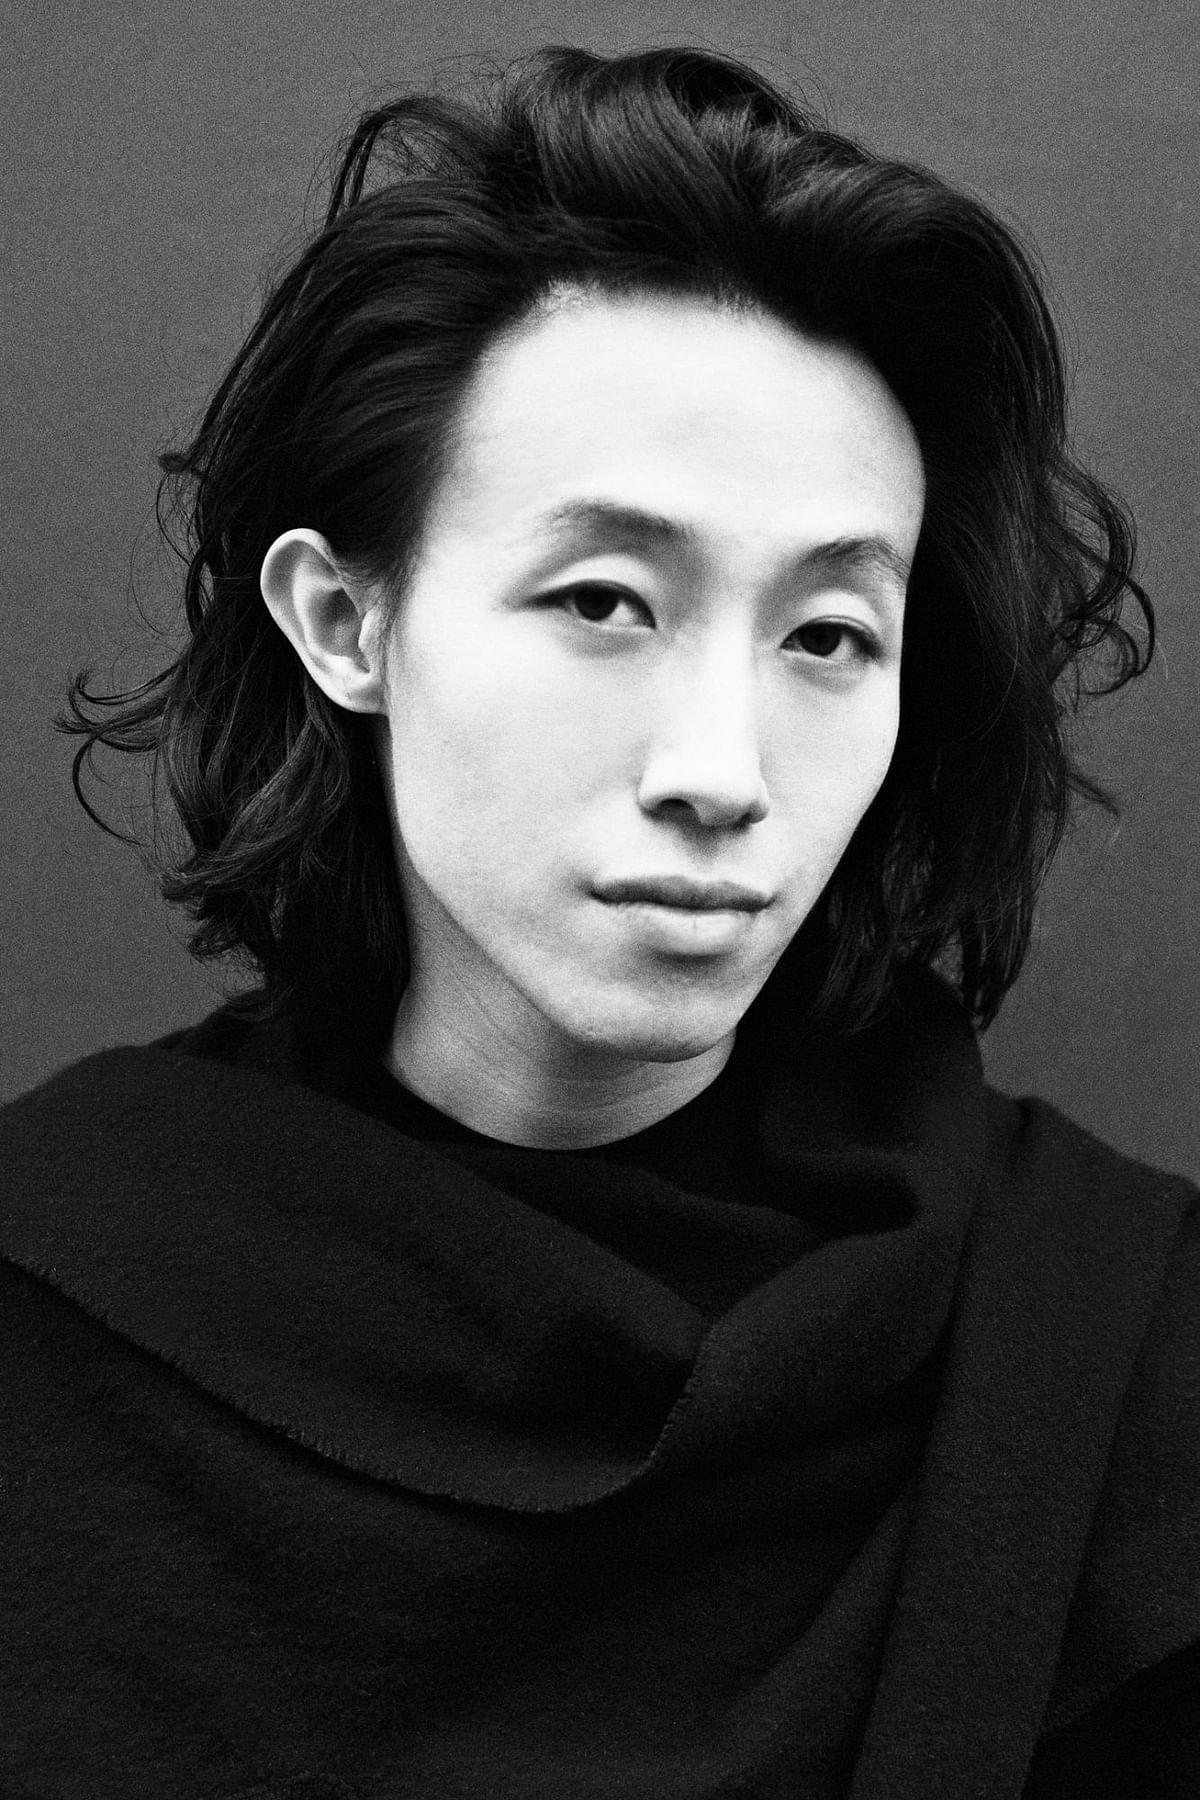 Robert Wun